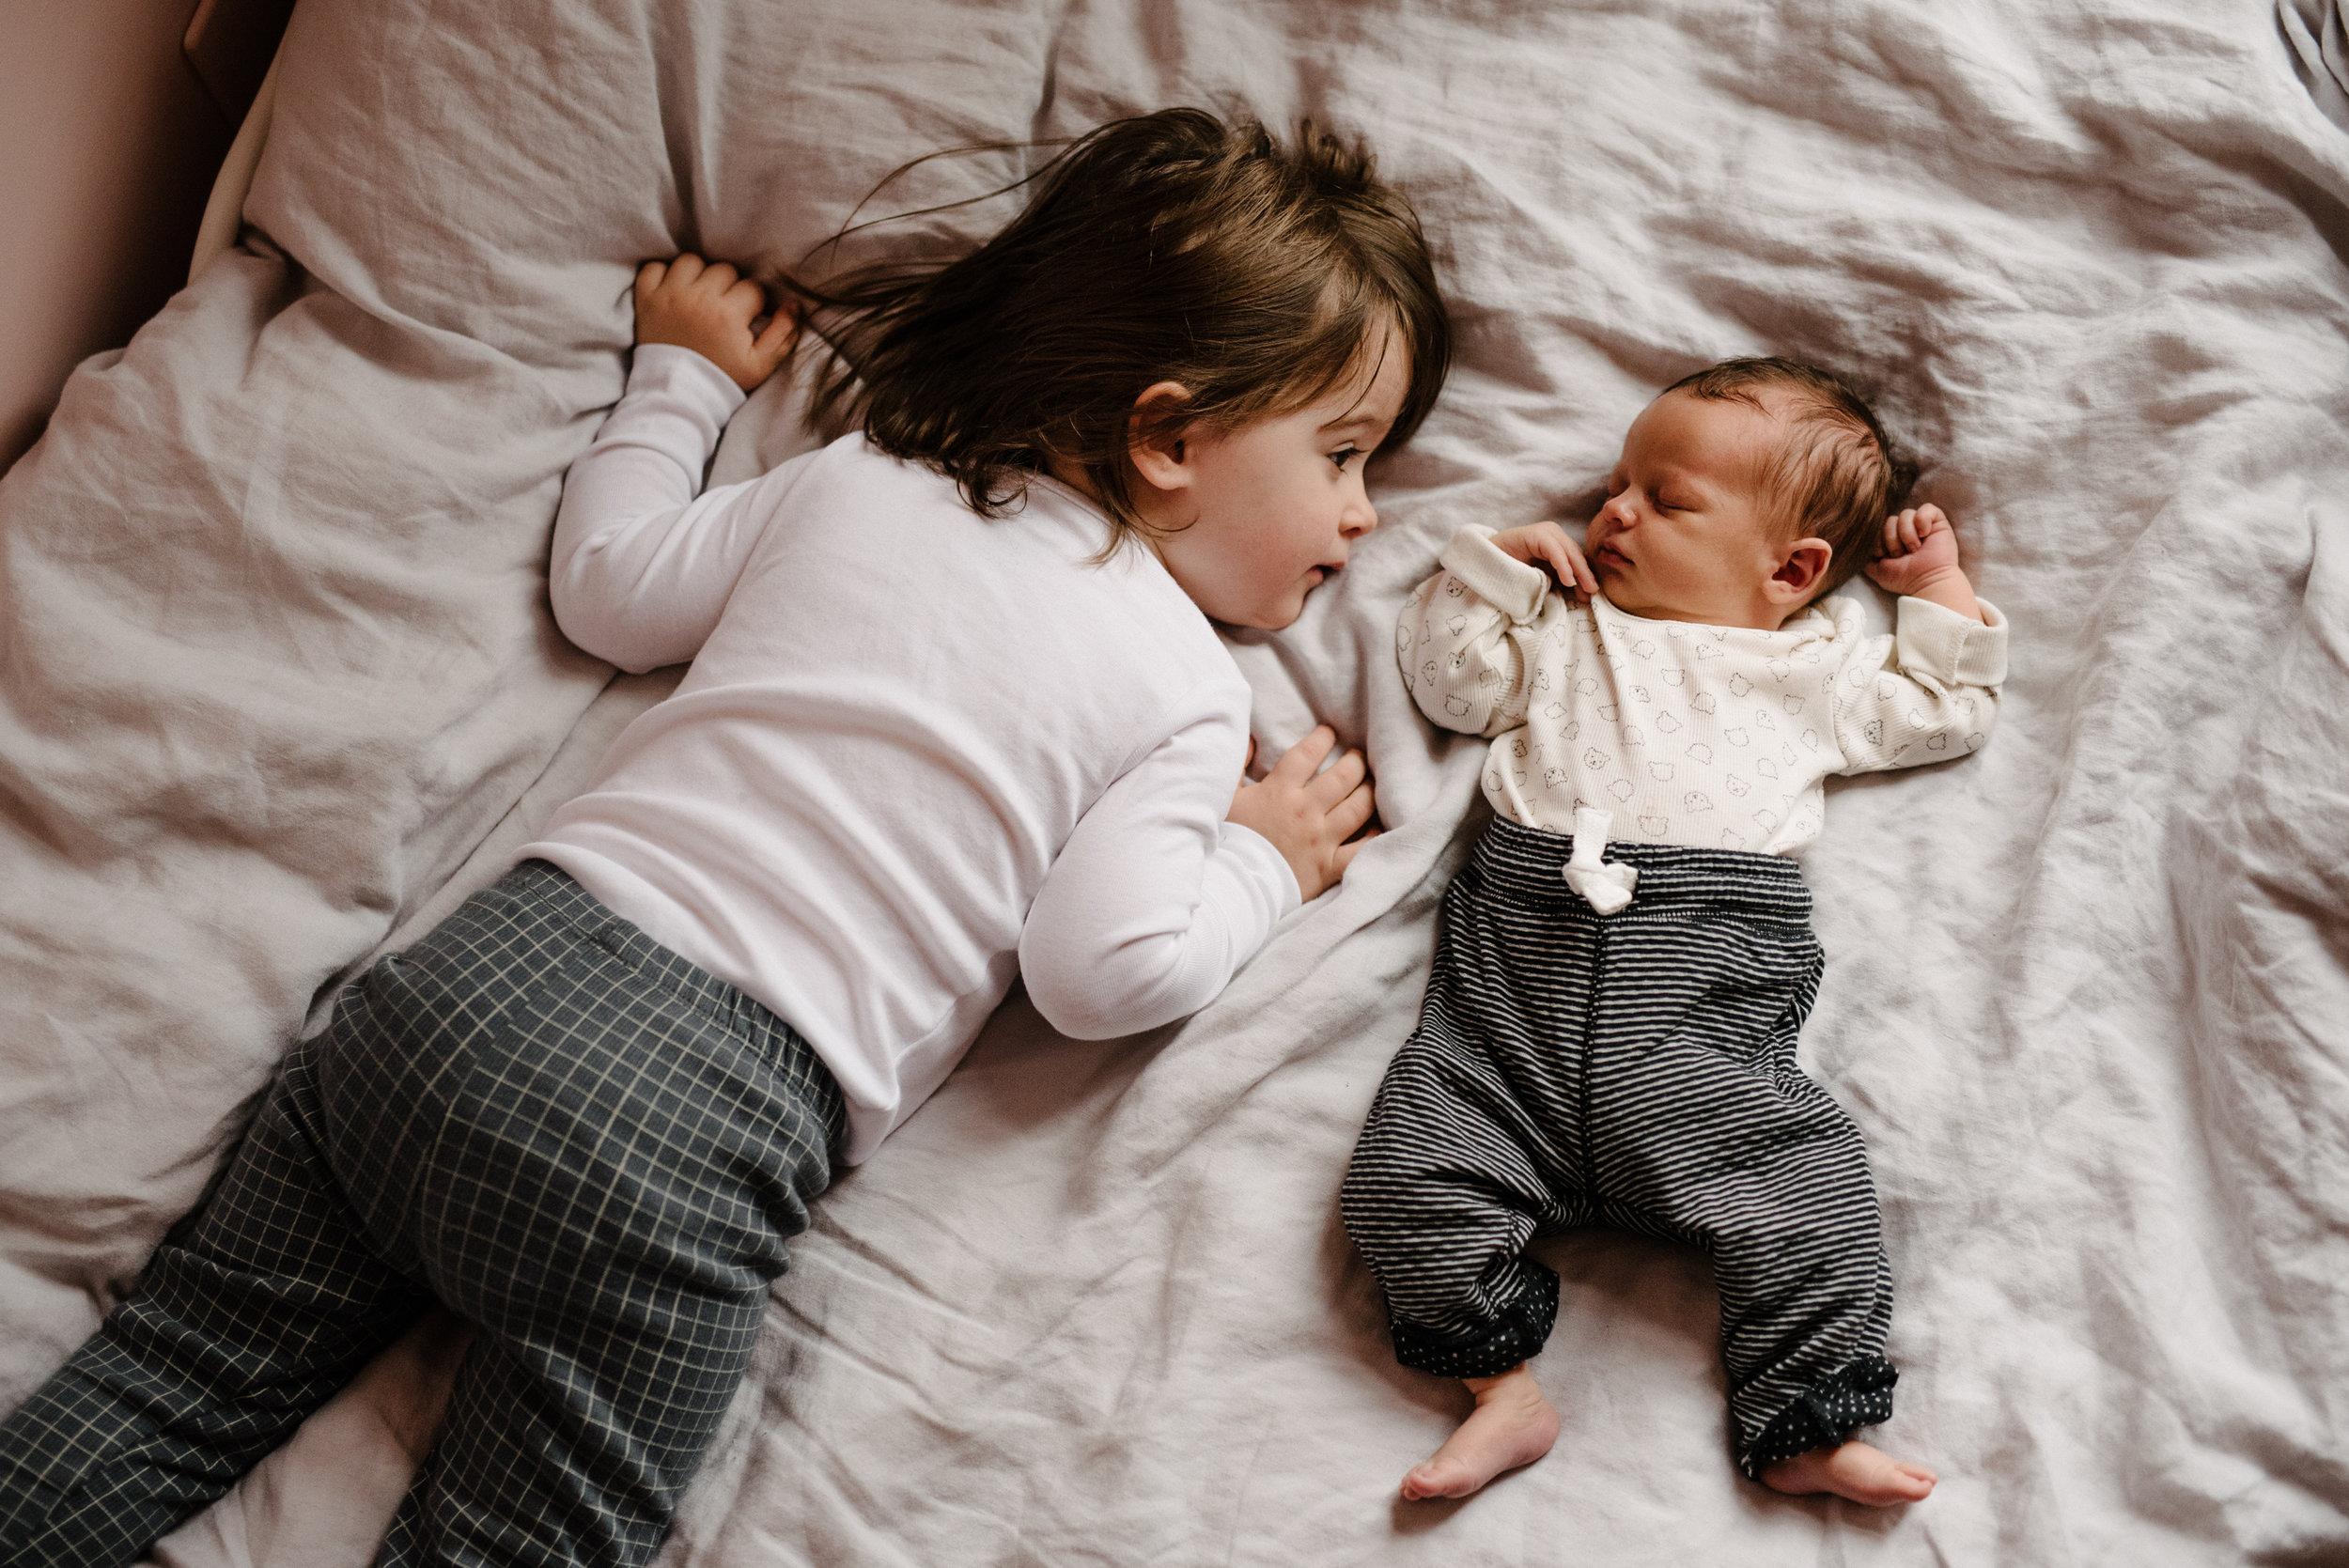 044-photo-grande-soeur-avec-son-petit-frere-bebe-photographe-lifestyle-famille-et-nouveau-ne-a-montreal-marianne-charland-0376.jpg